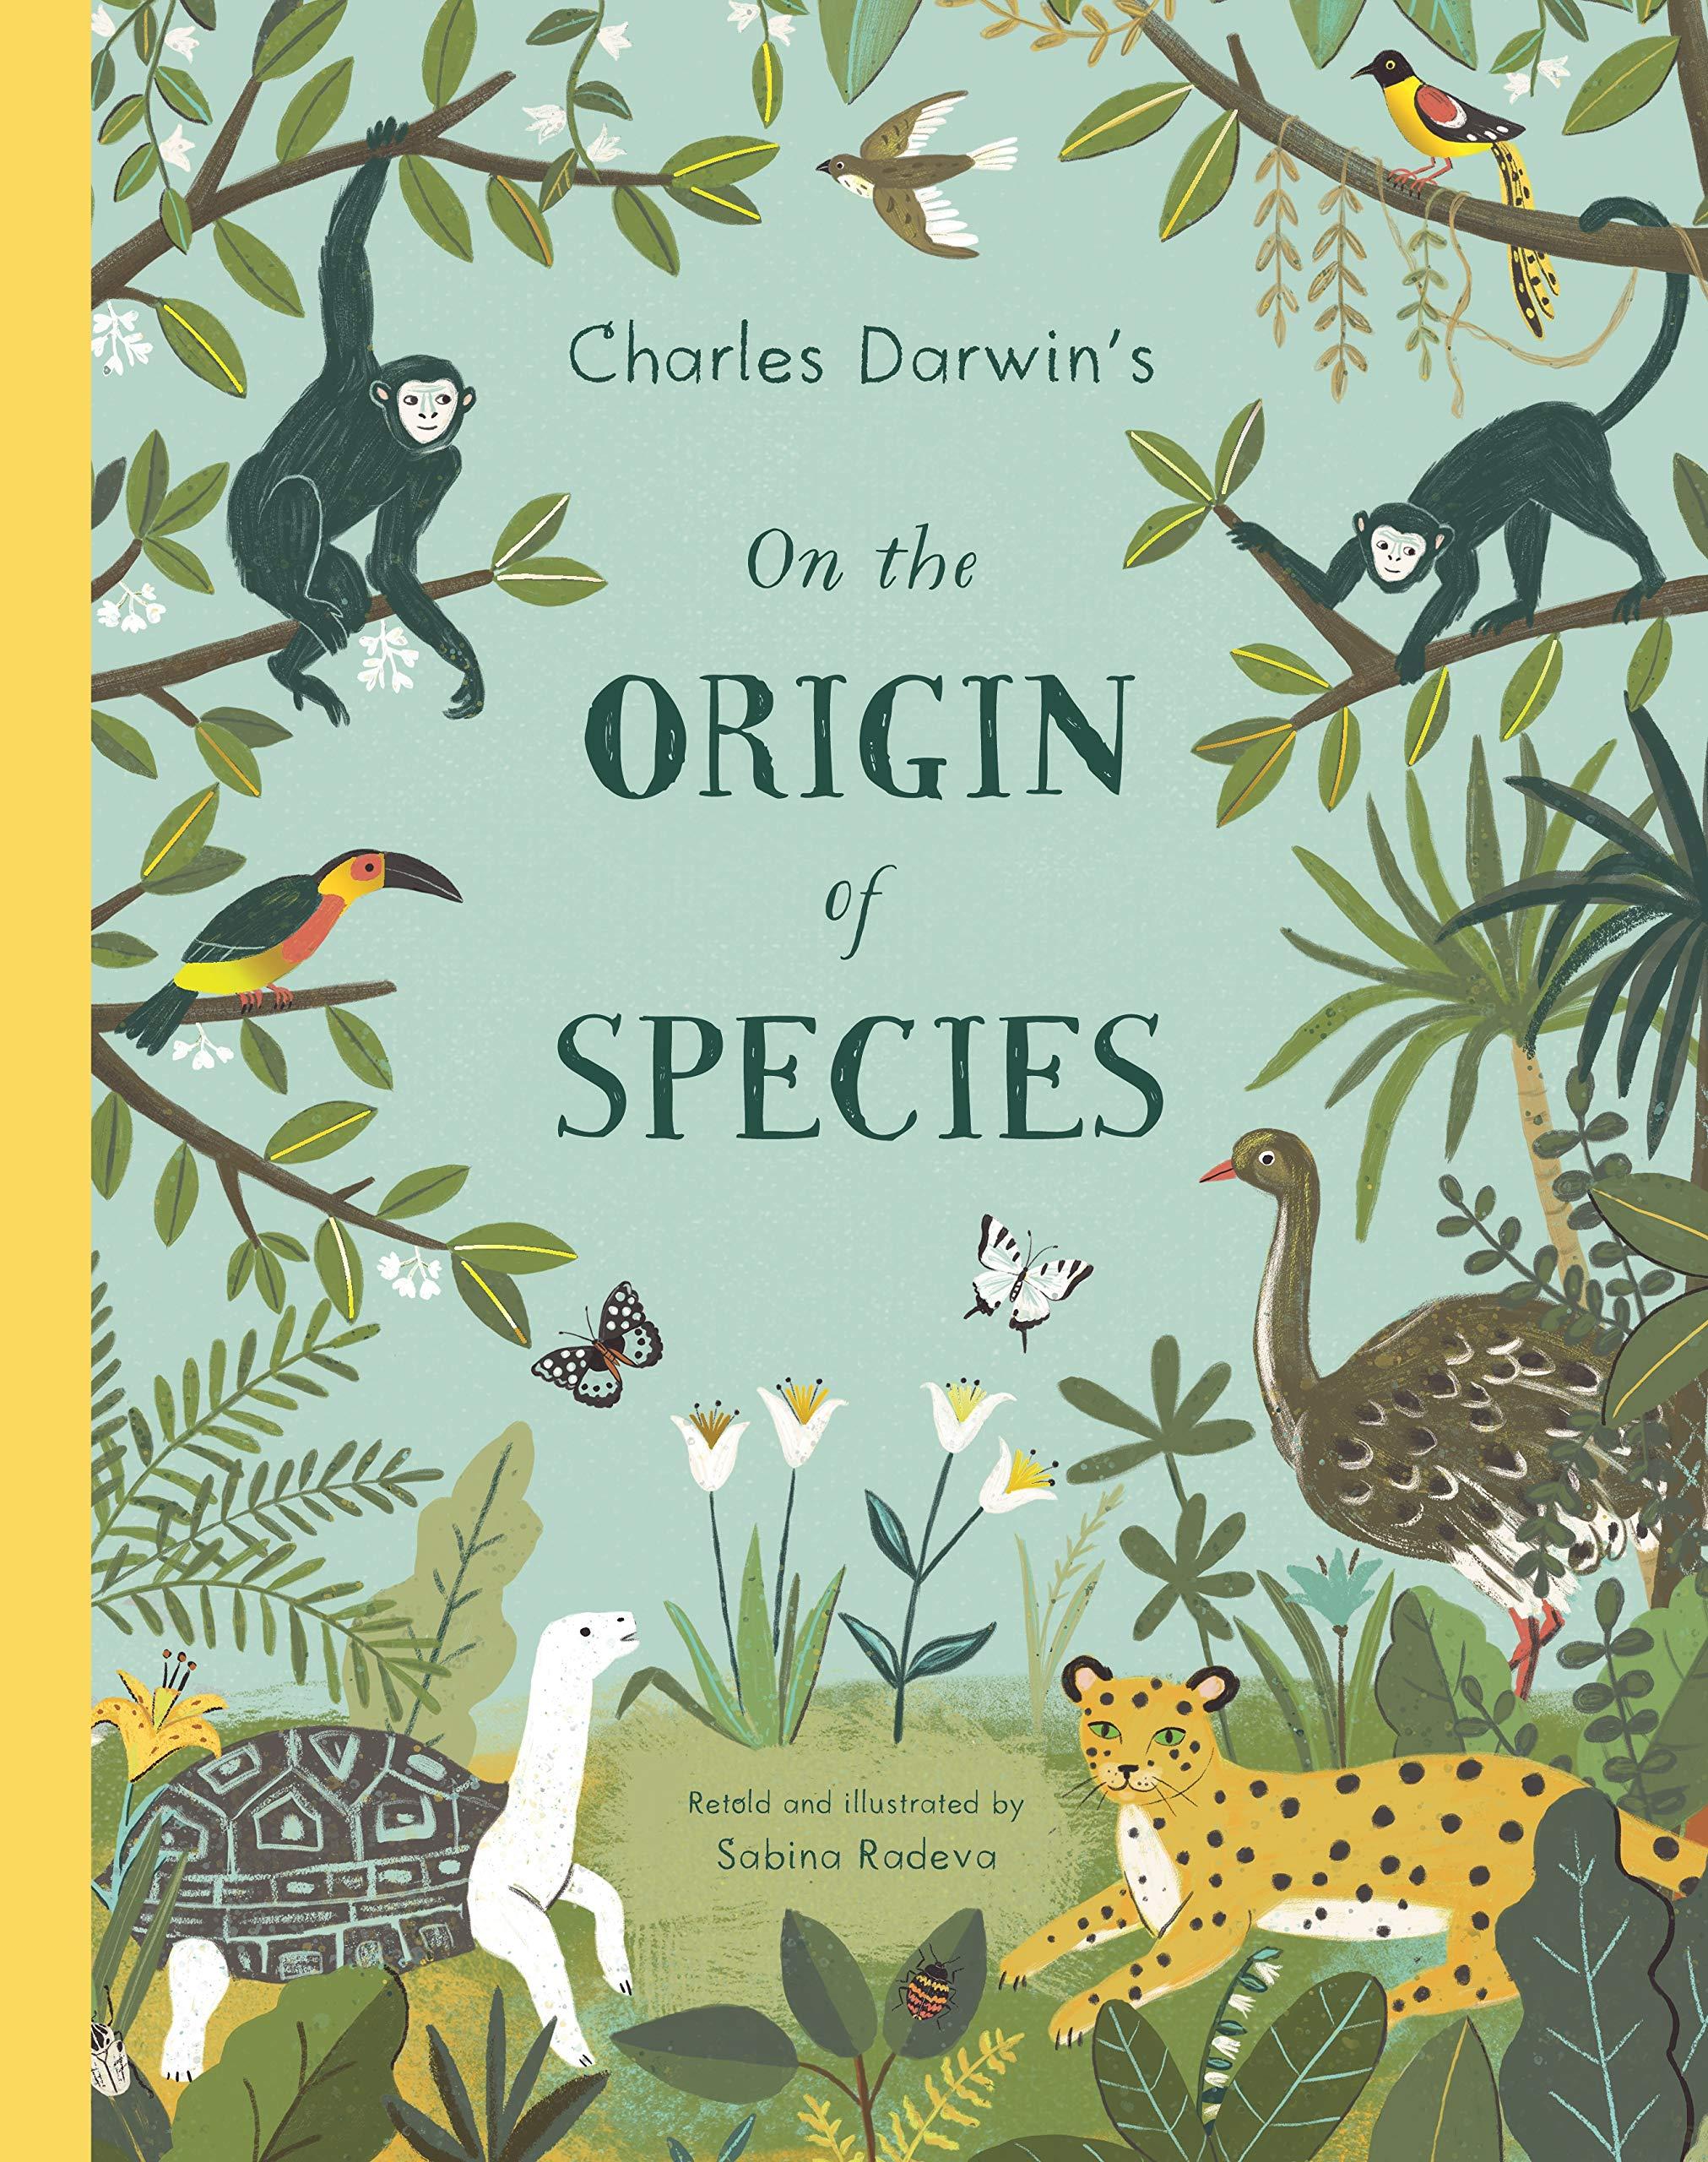 Species book of origin